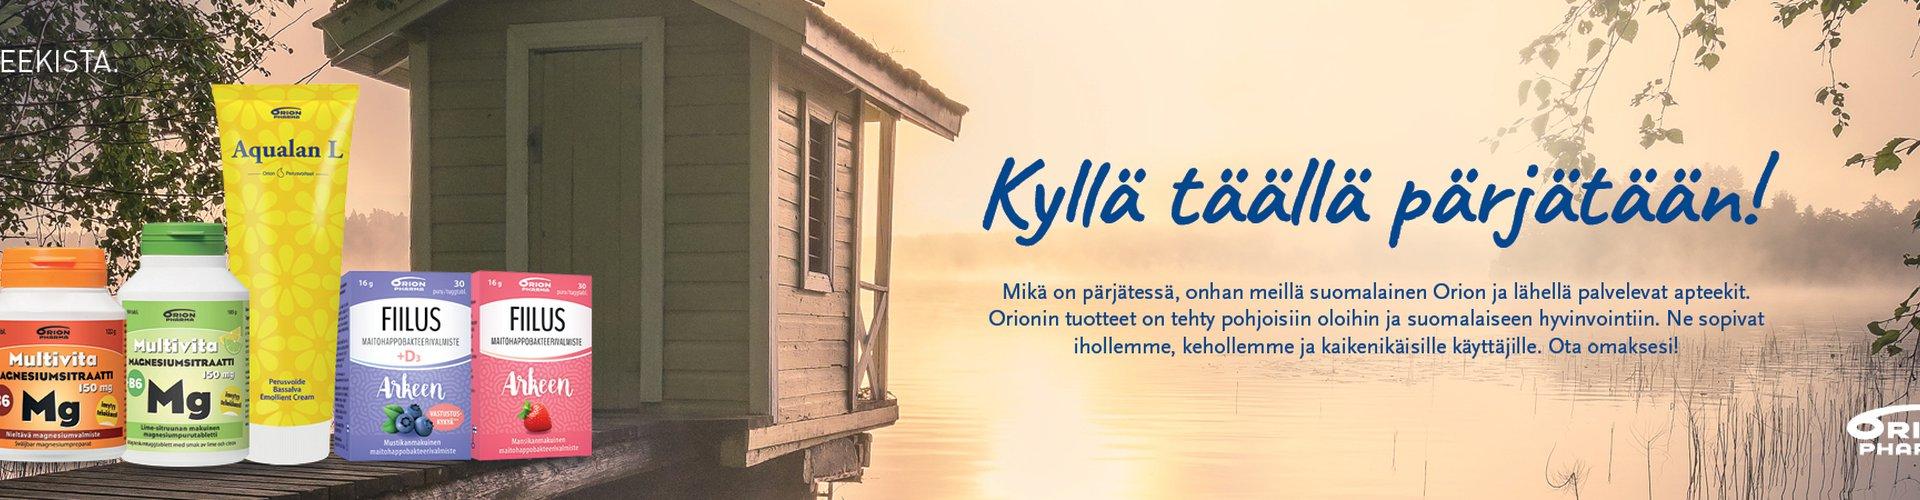 Kyllä täällä pärjätään!   Mikä on pärjätessä, onhan meillä suomalainen Orion ja lähellä palvelevat apteekit.